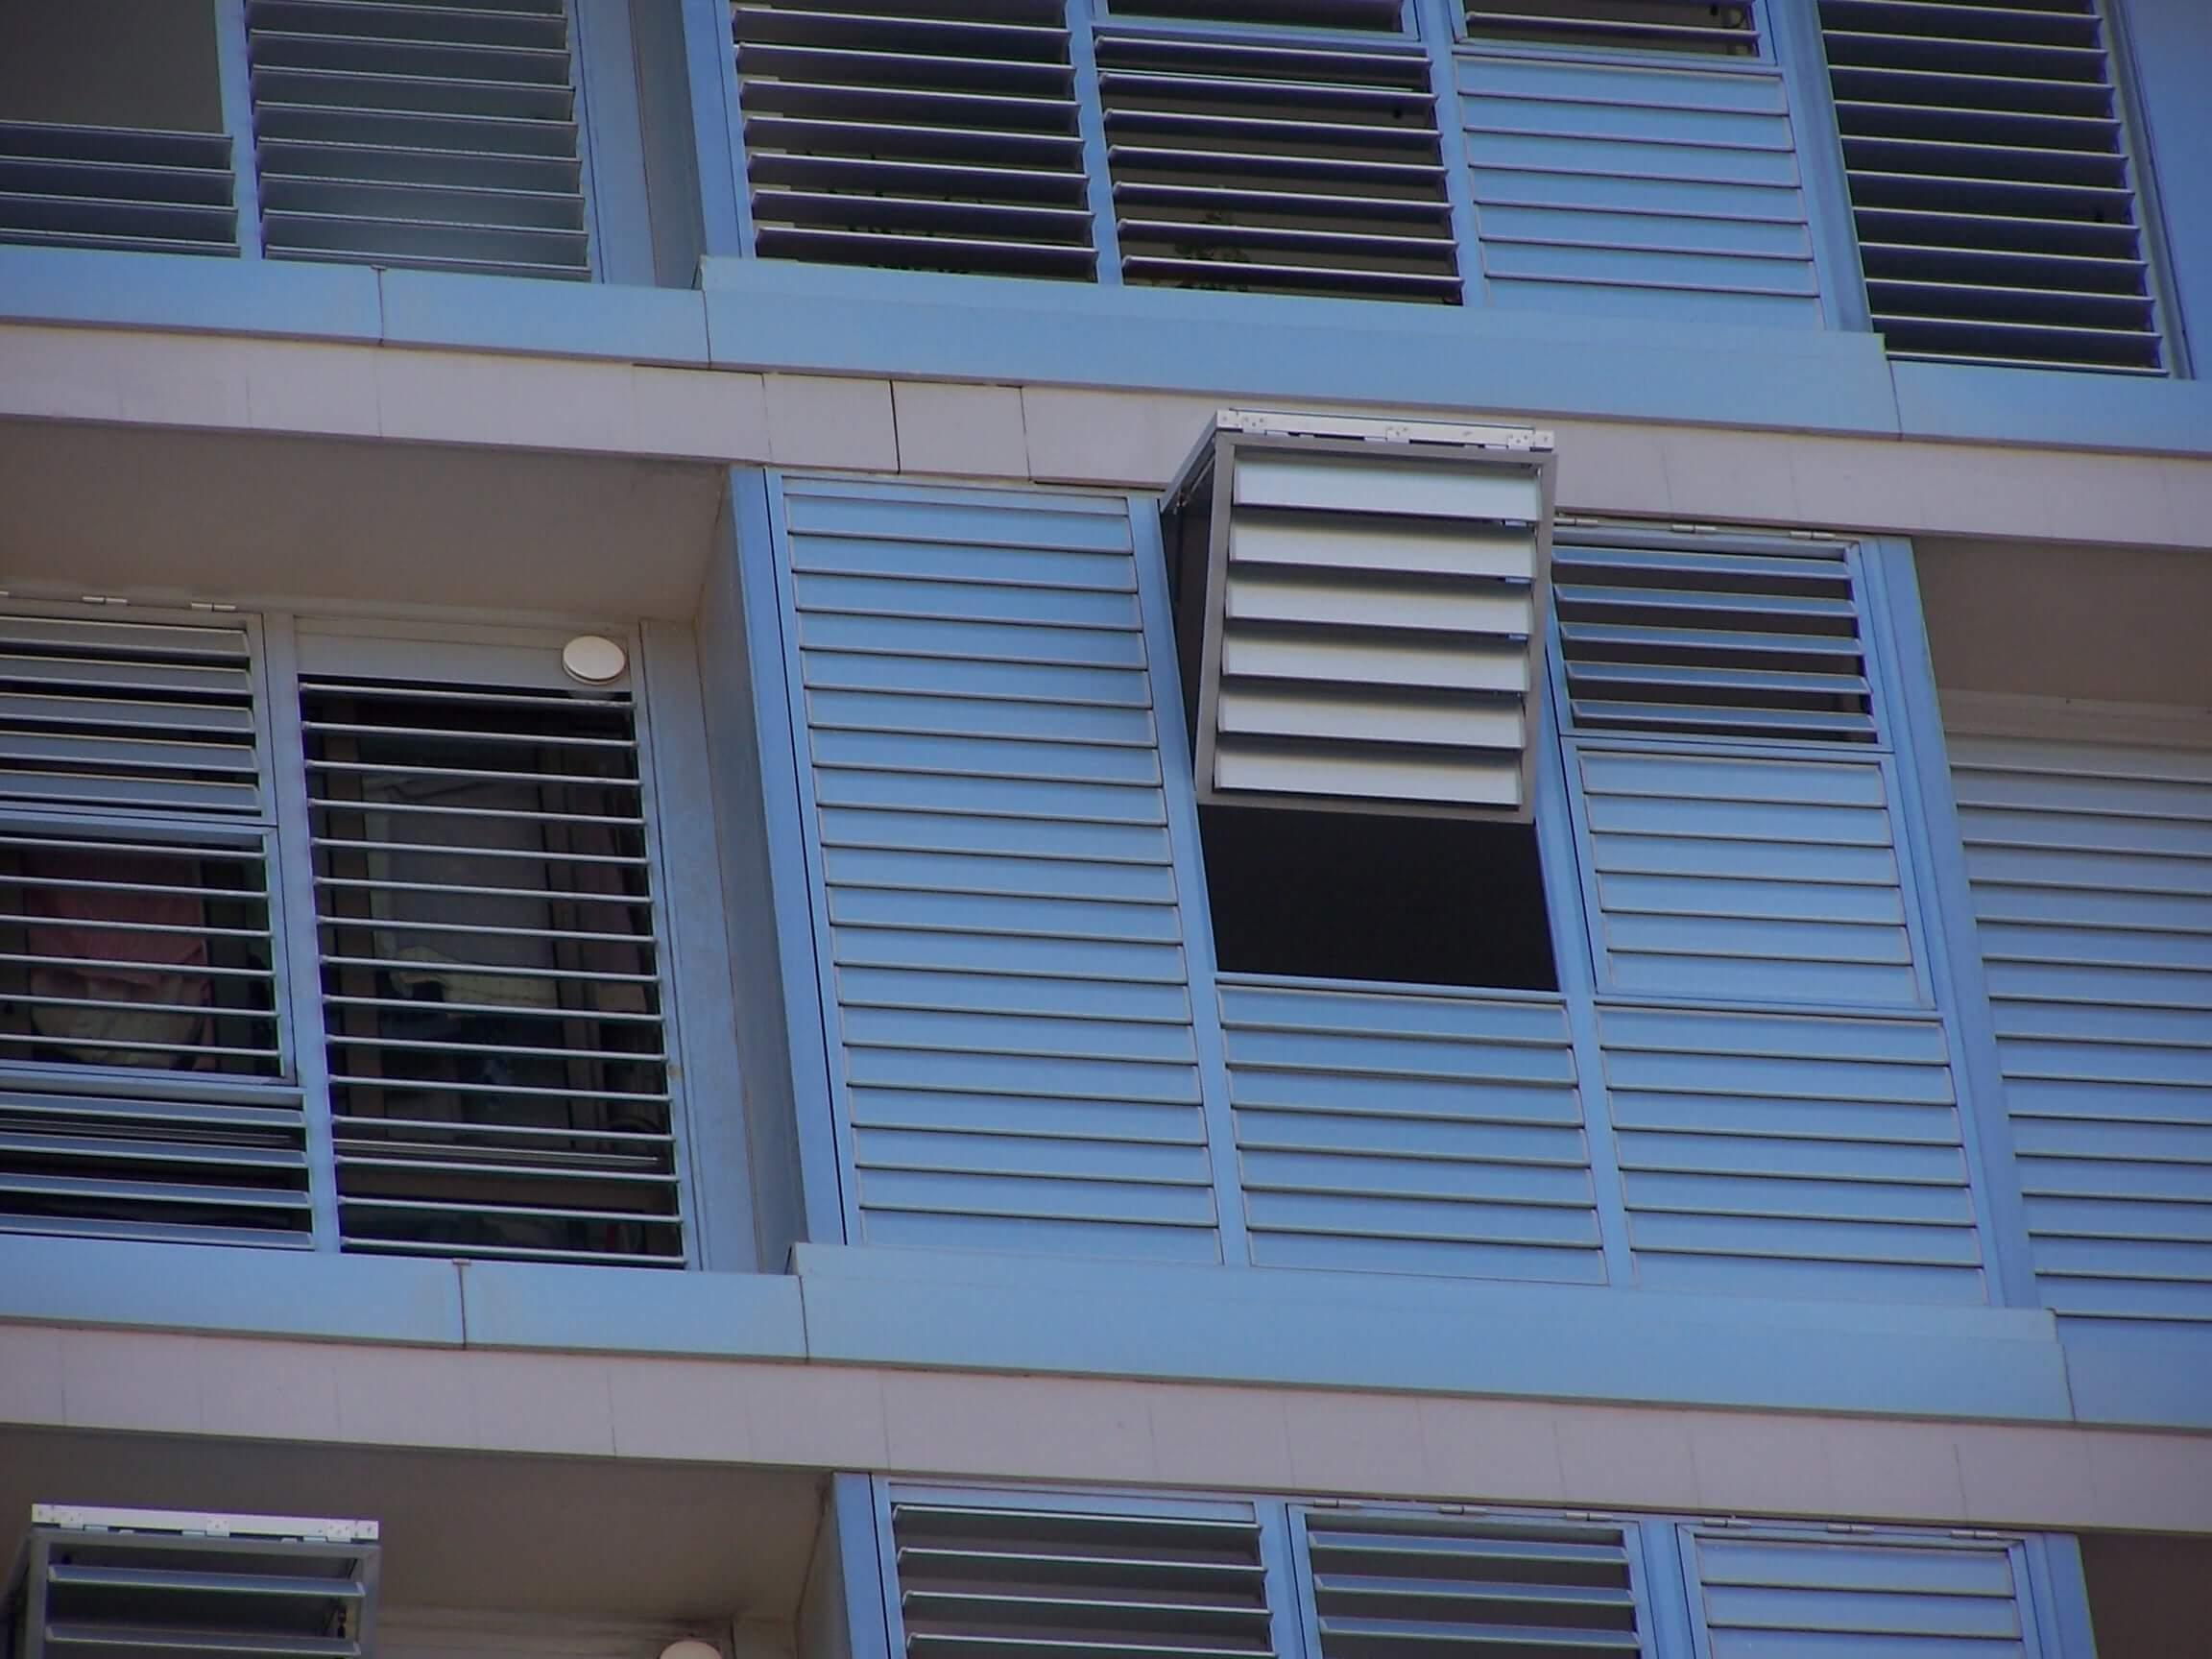 Celosias en edificios Tenerife